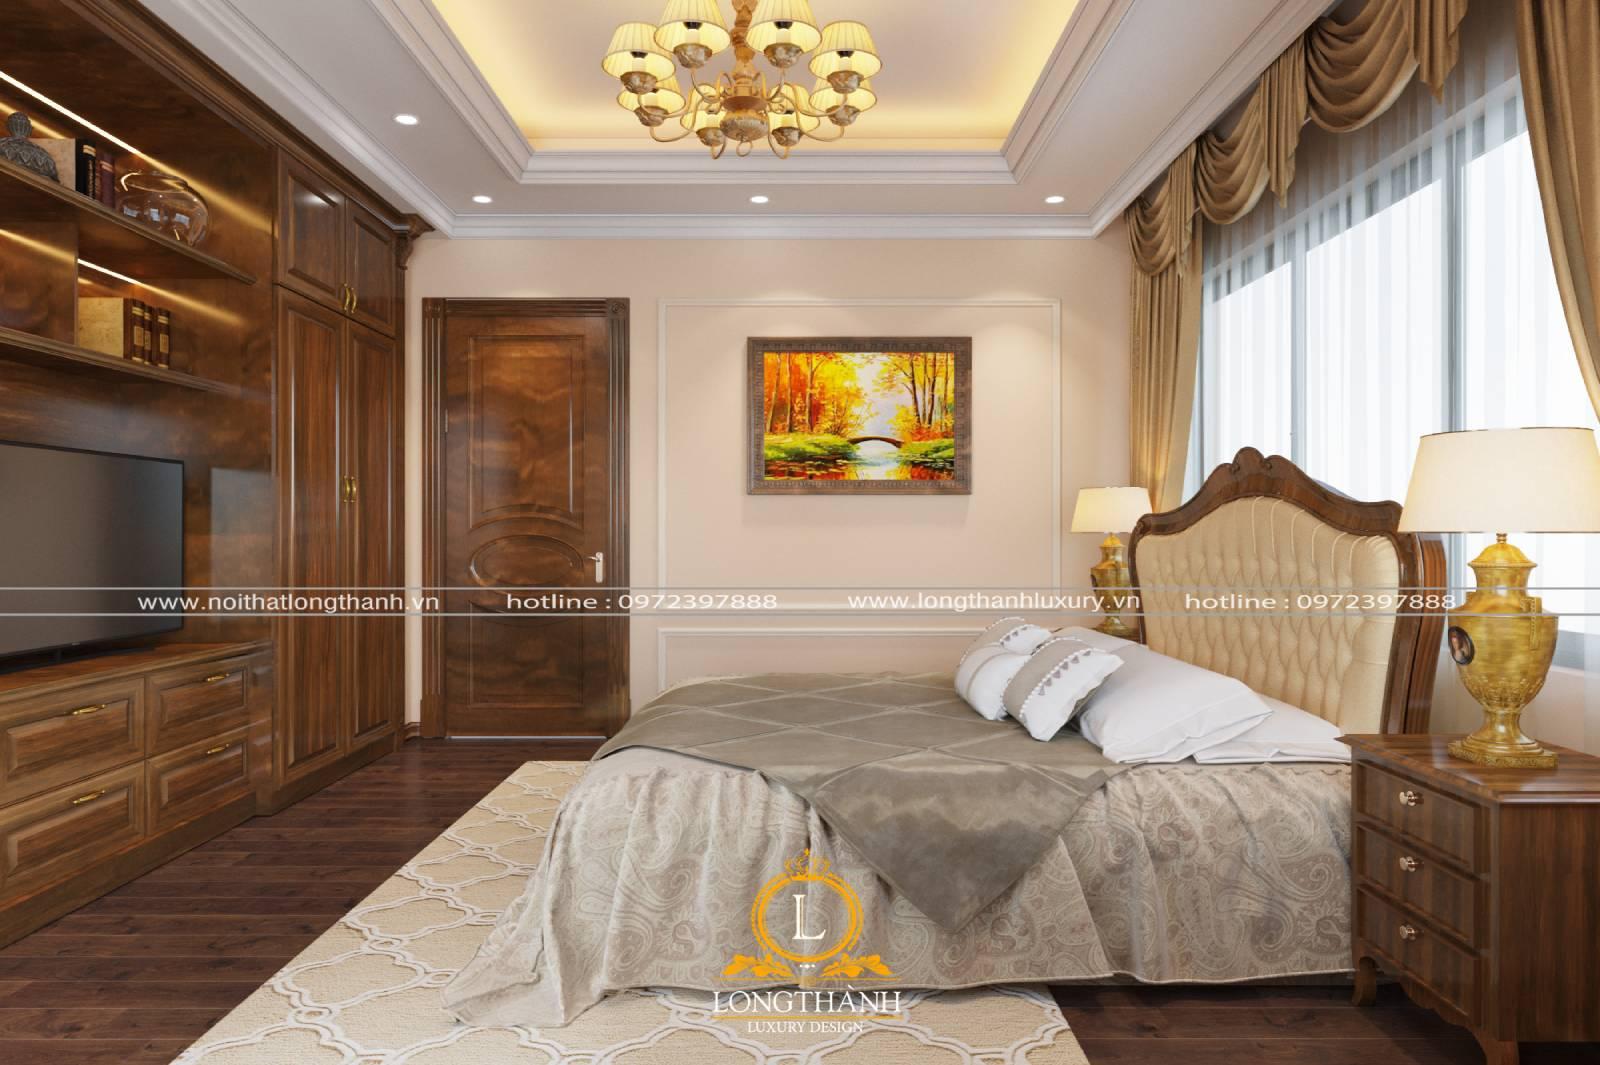 Nội thất Long Thành – đơn vị thiết kế và thi công phòng ngủ cao cấp